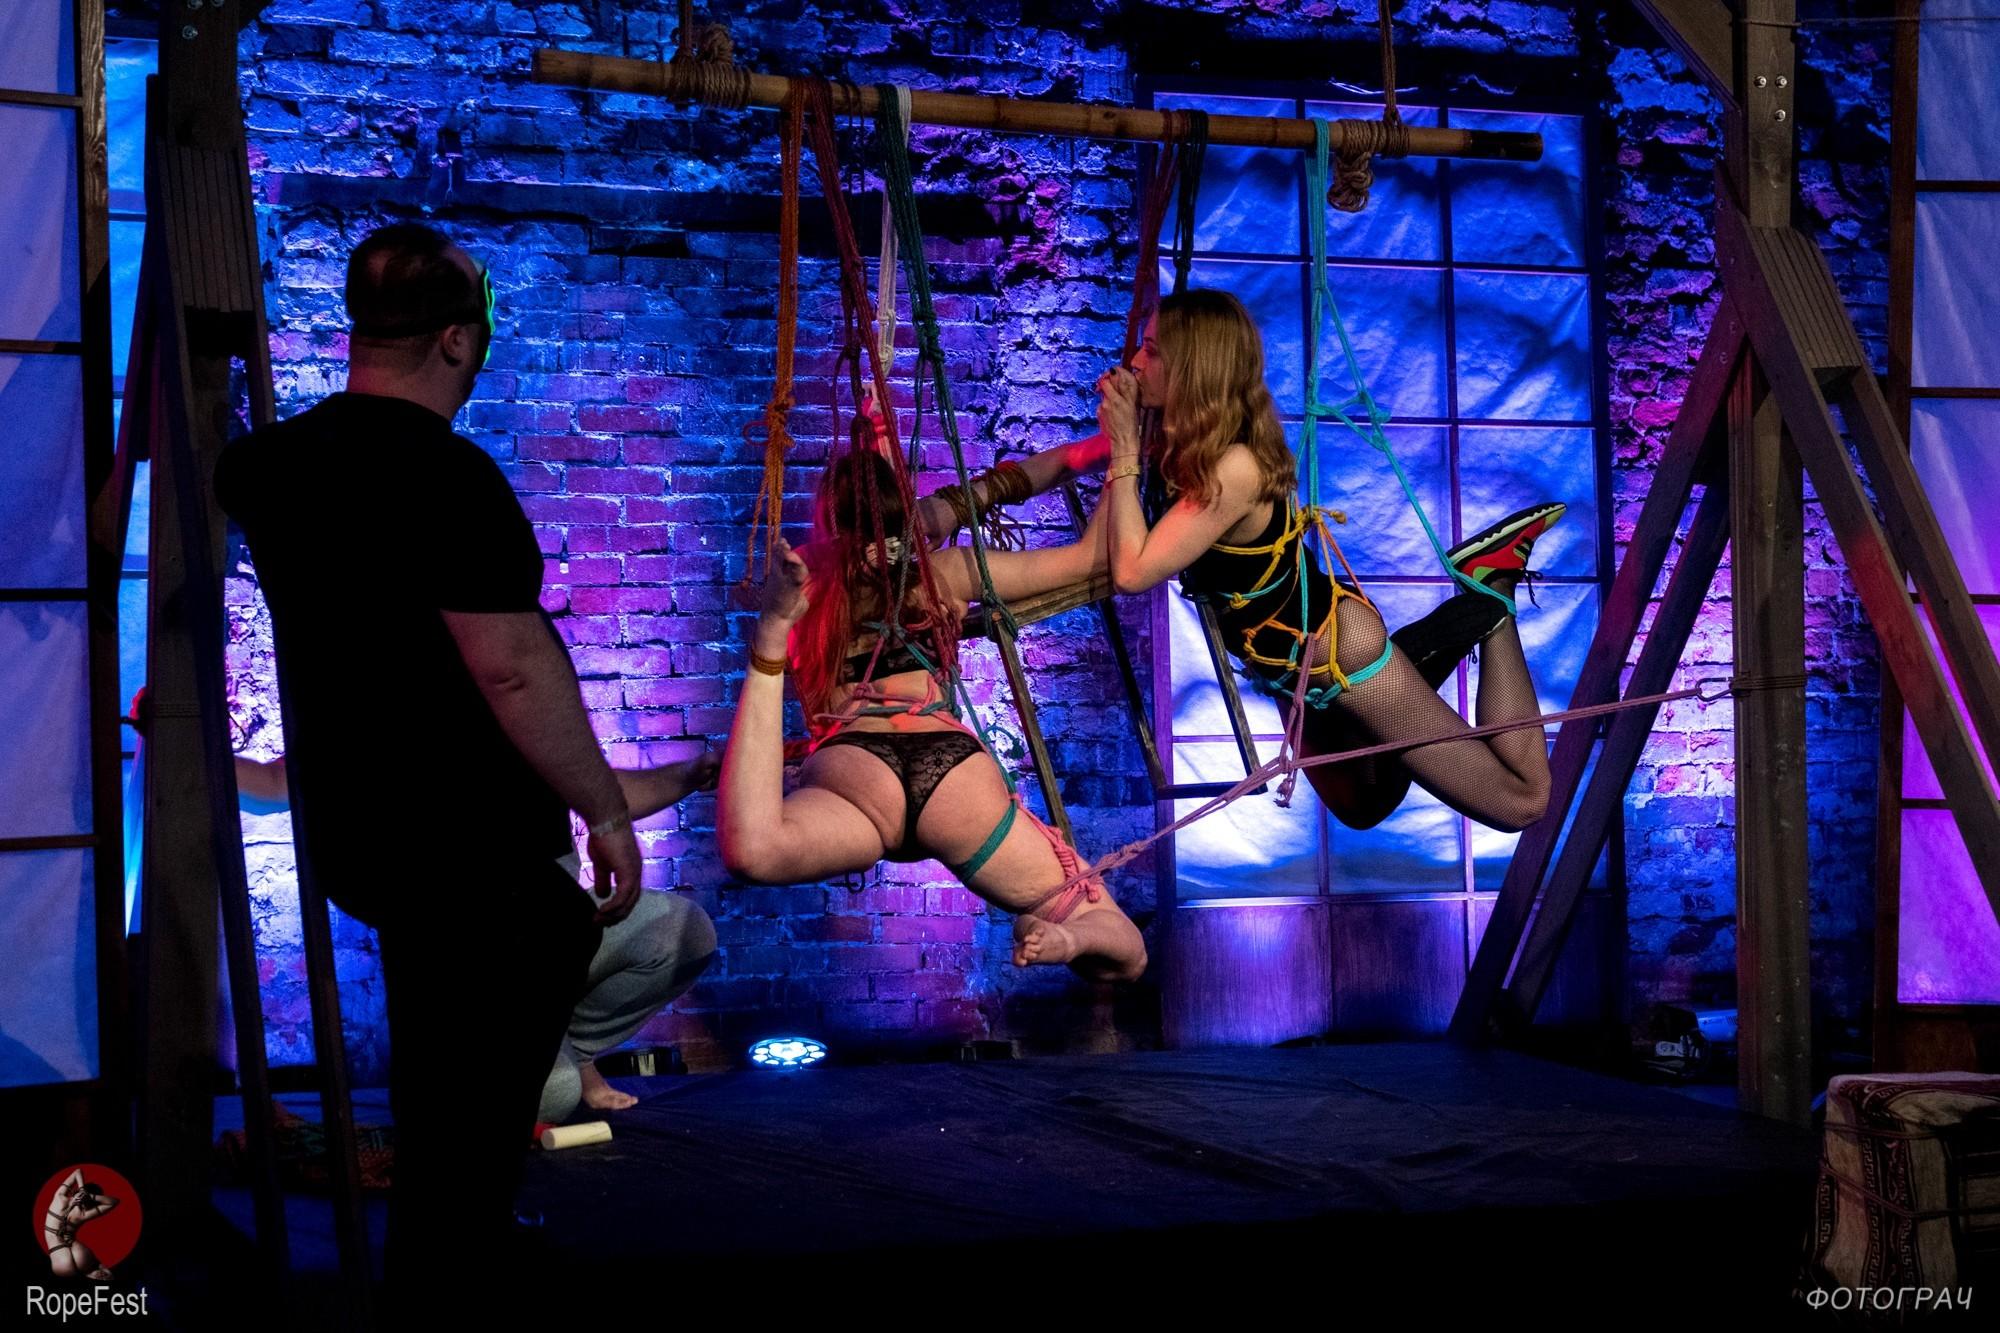 Rope Fest Peterburg . Bondage: Artefackt. Foto by Fotograch